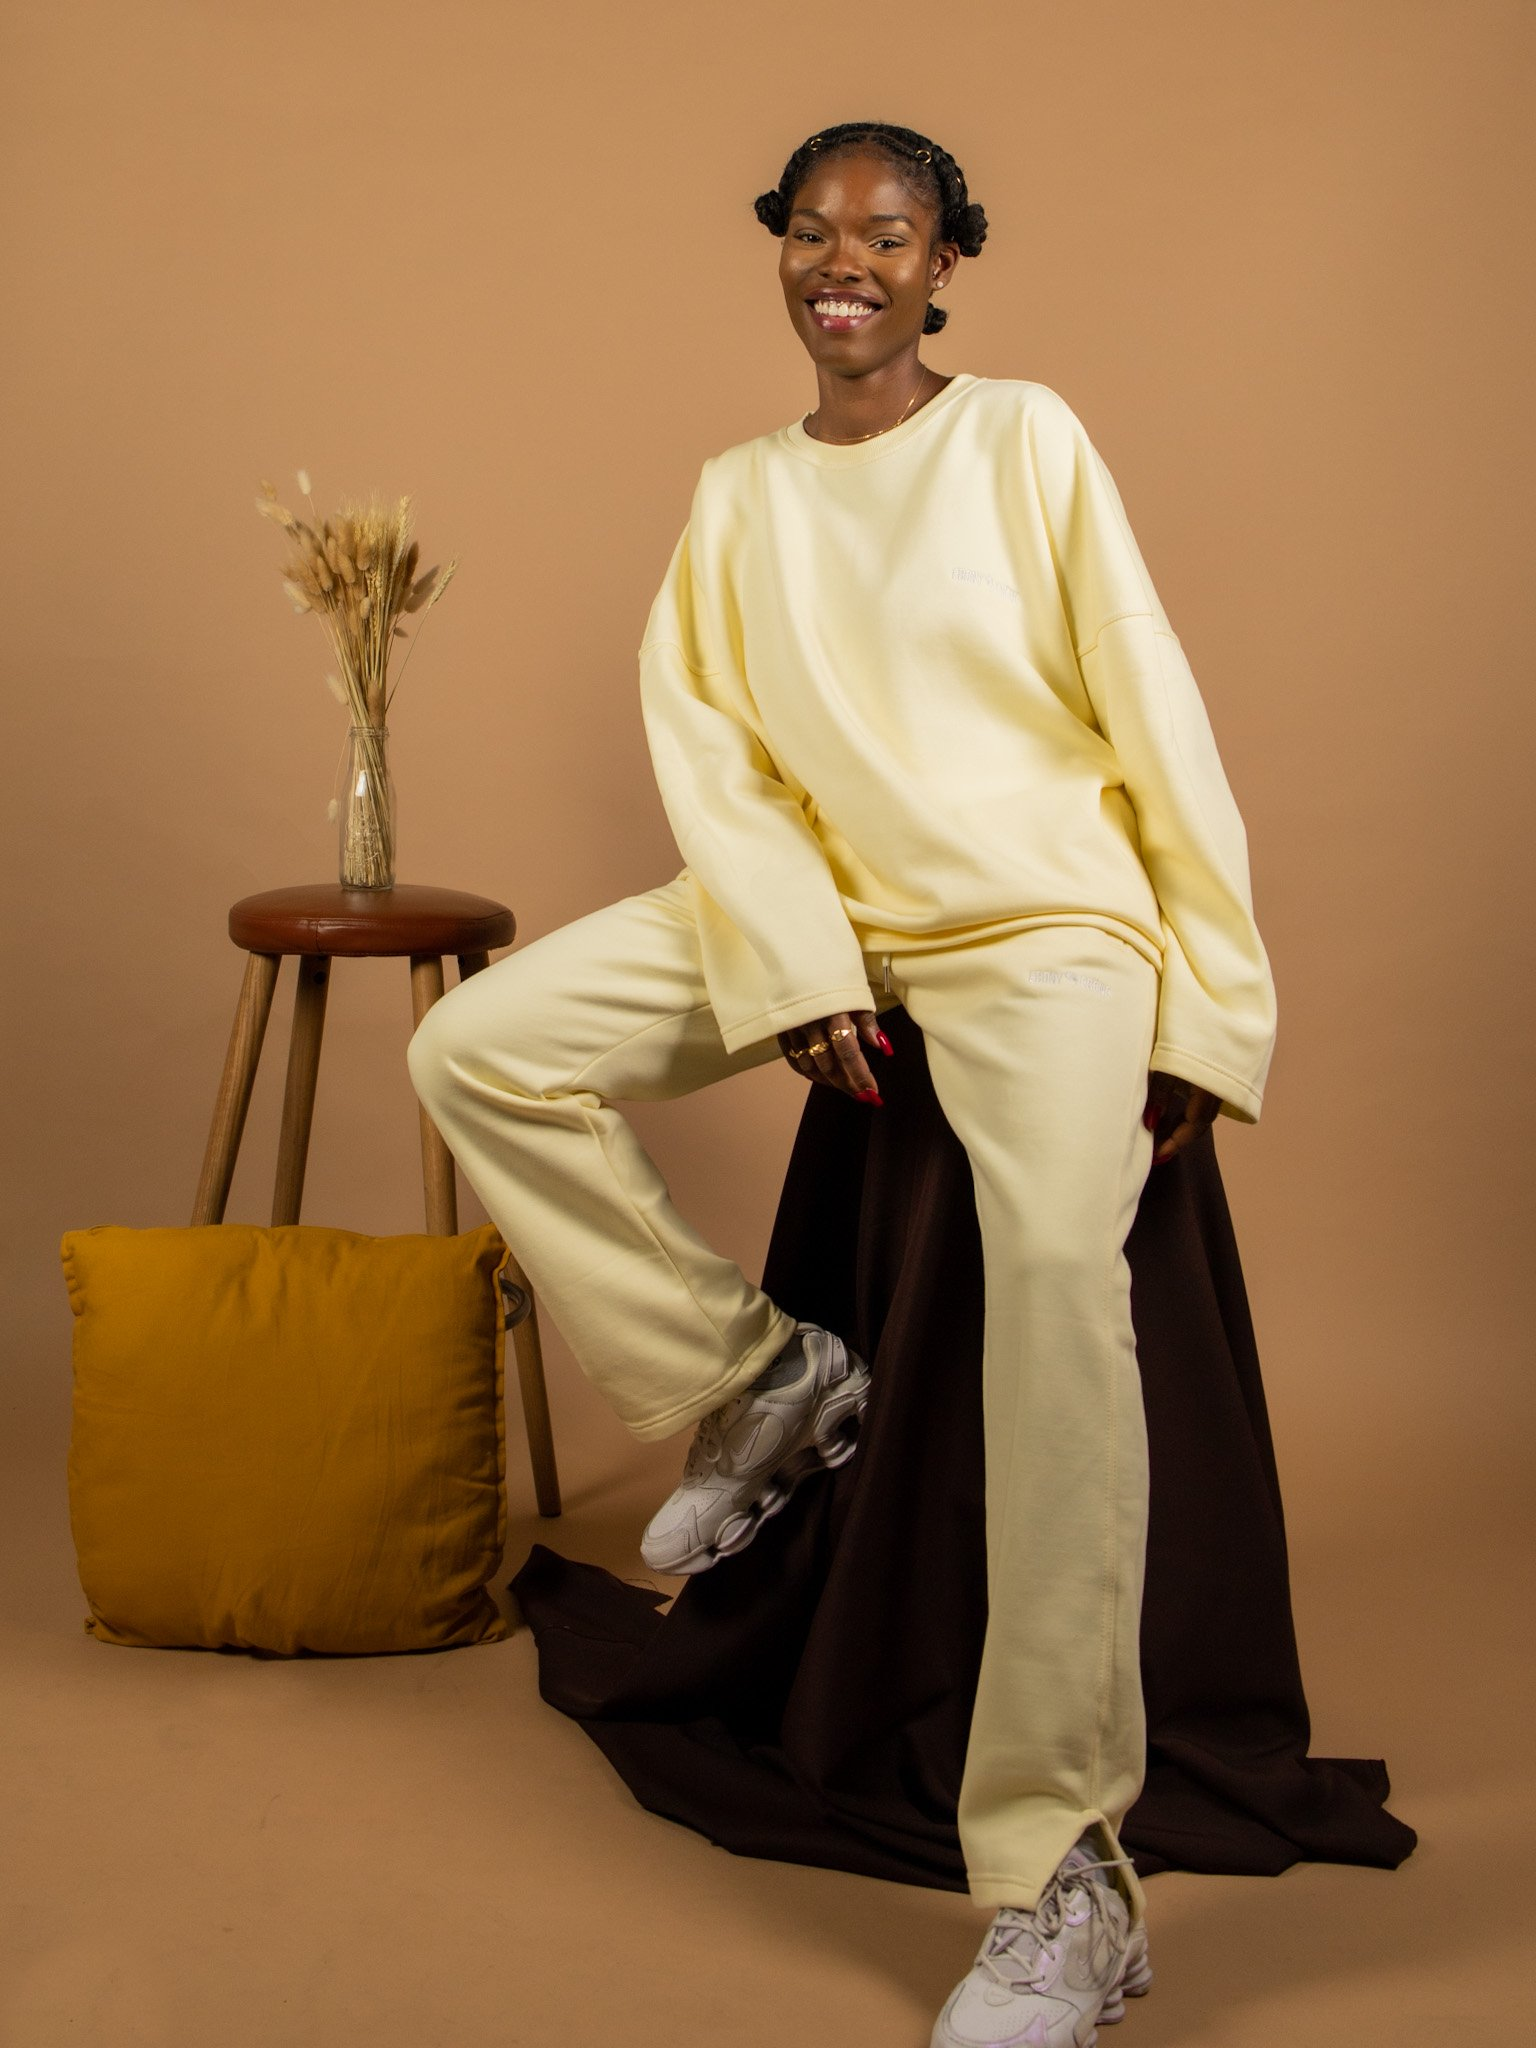 Ebony Ébène, la marque qui met en valeur sa communauté